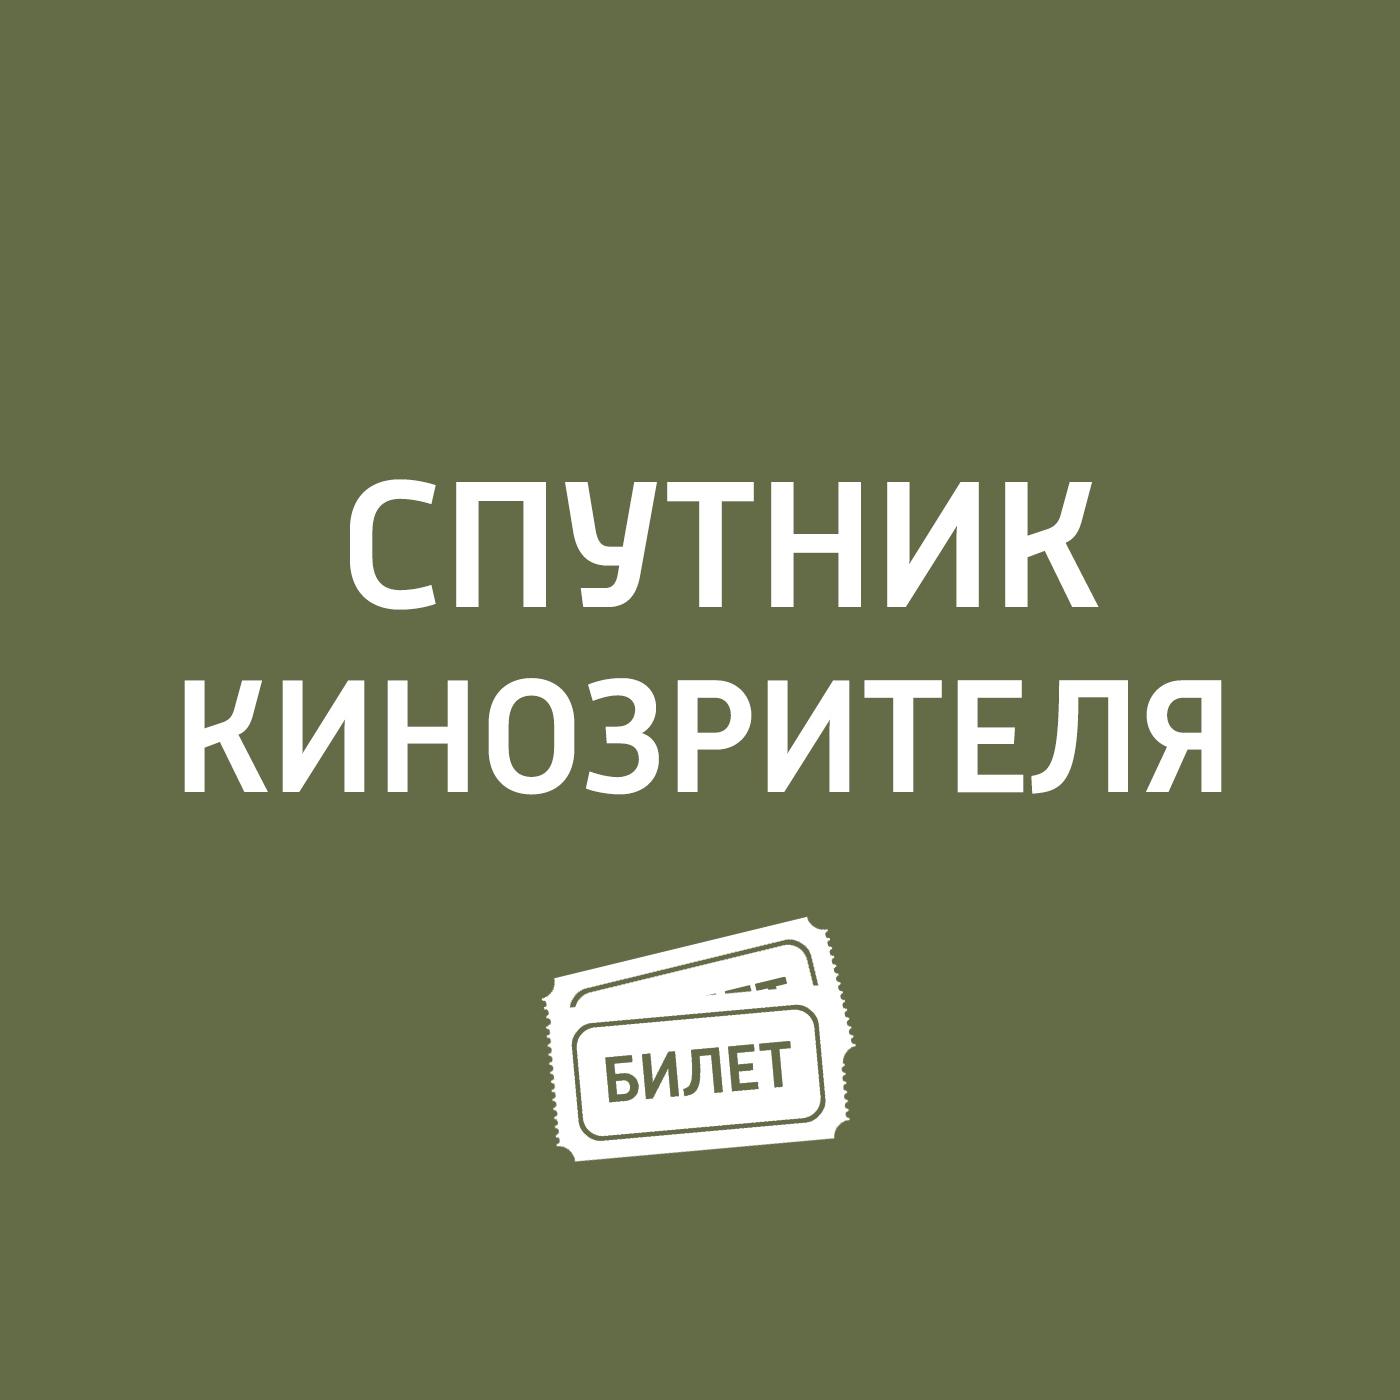 Антон Долин Стартрек: Возмездие, «Великий Гэтсби